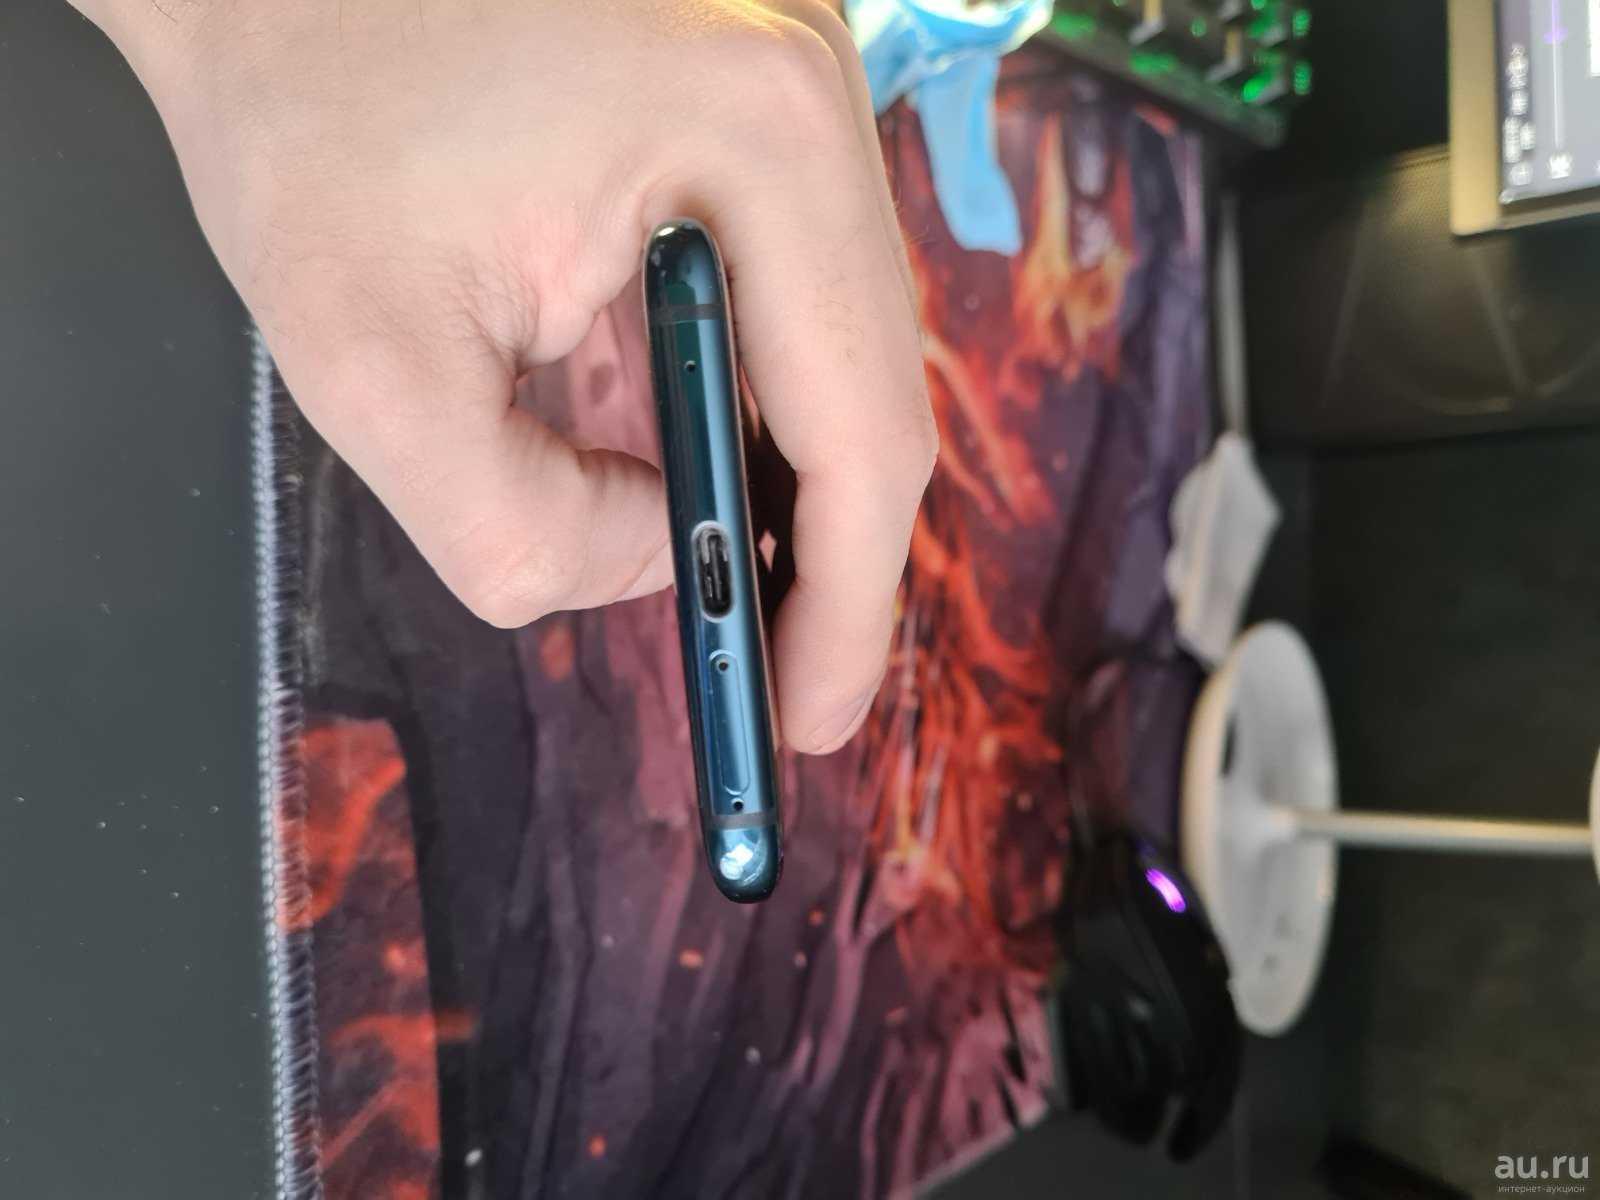 Было 10 — стало 5. чего huawei добивается новым складным смартфоном? - androidinsider.ru